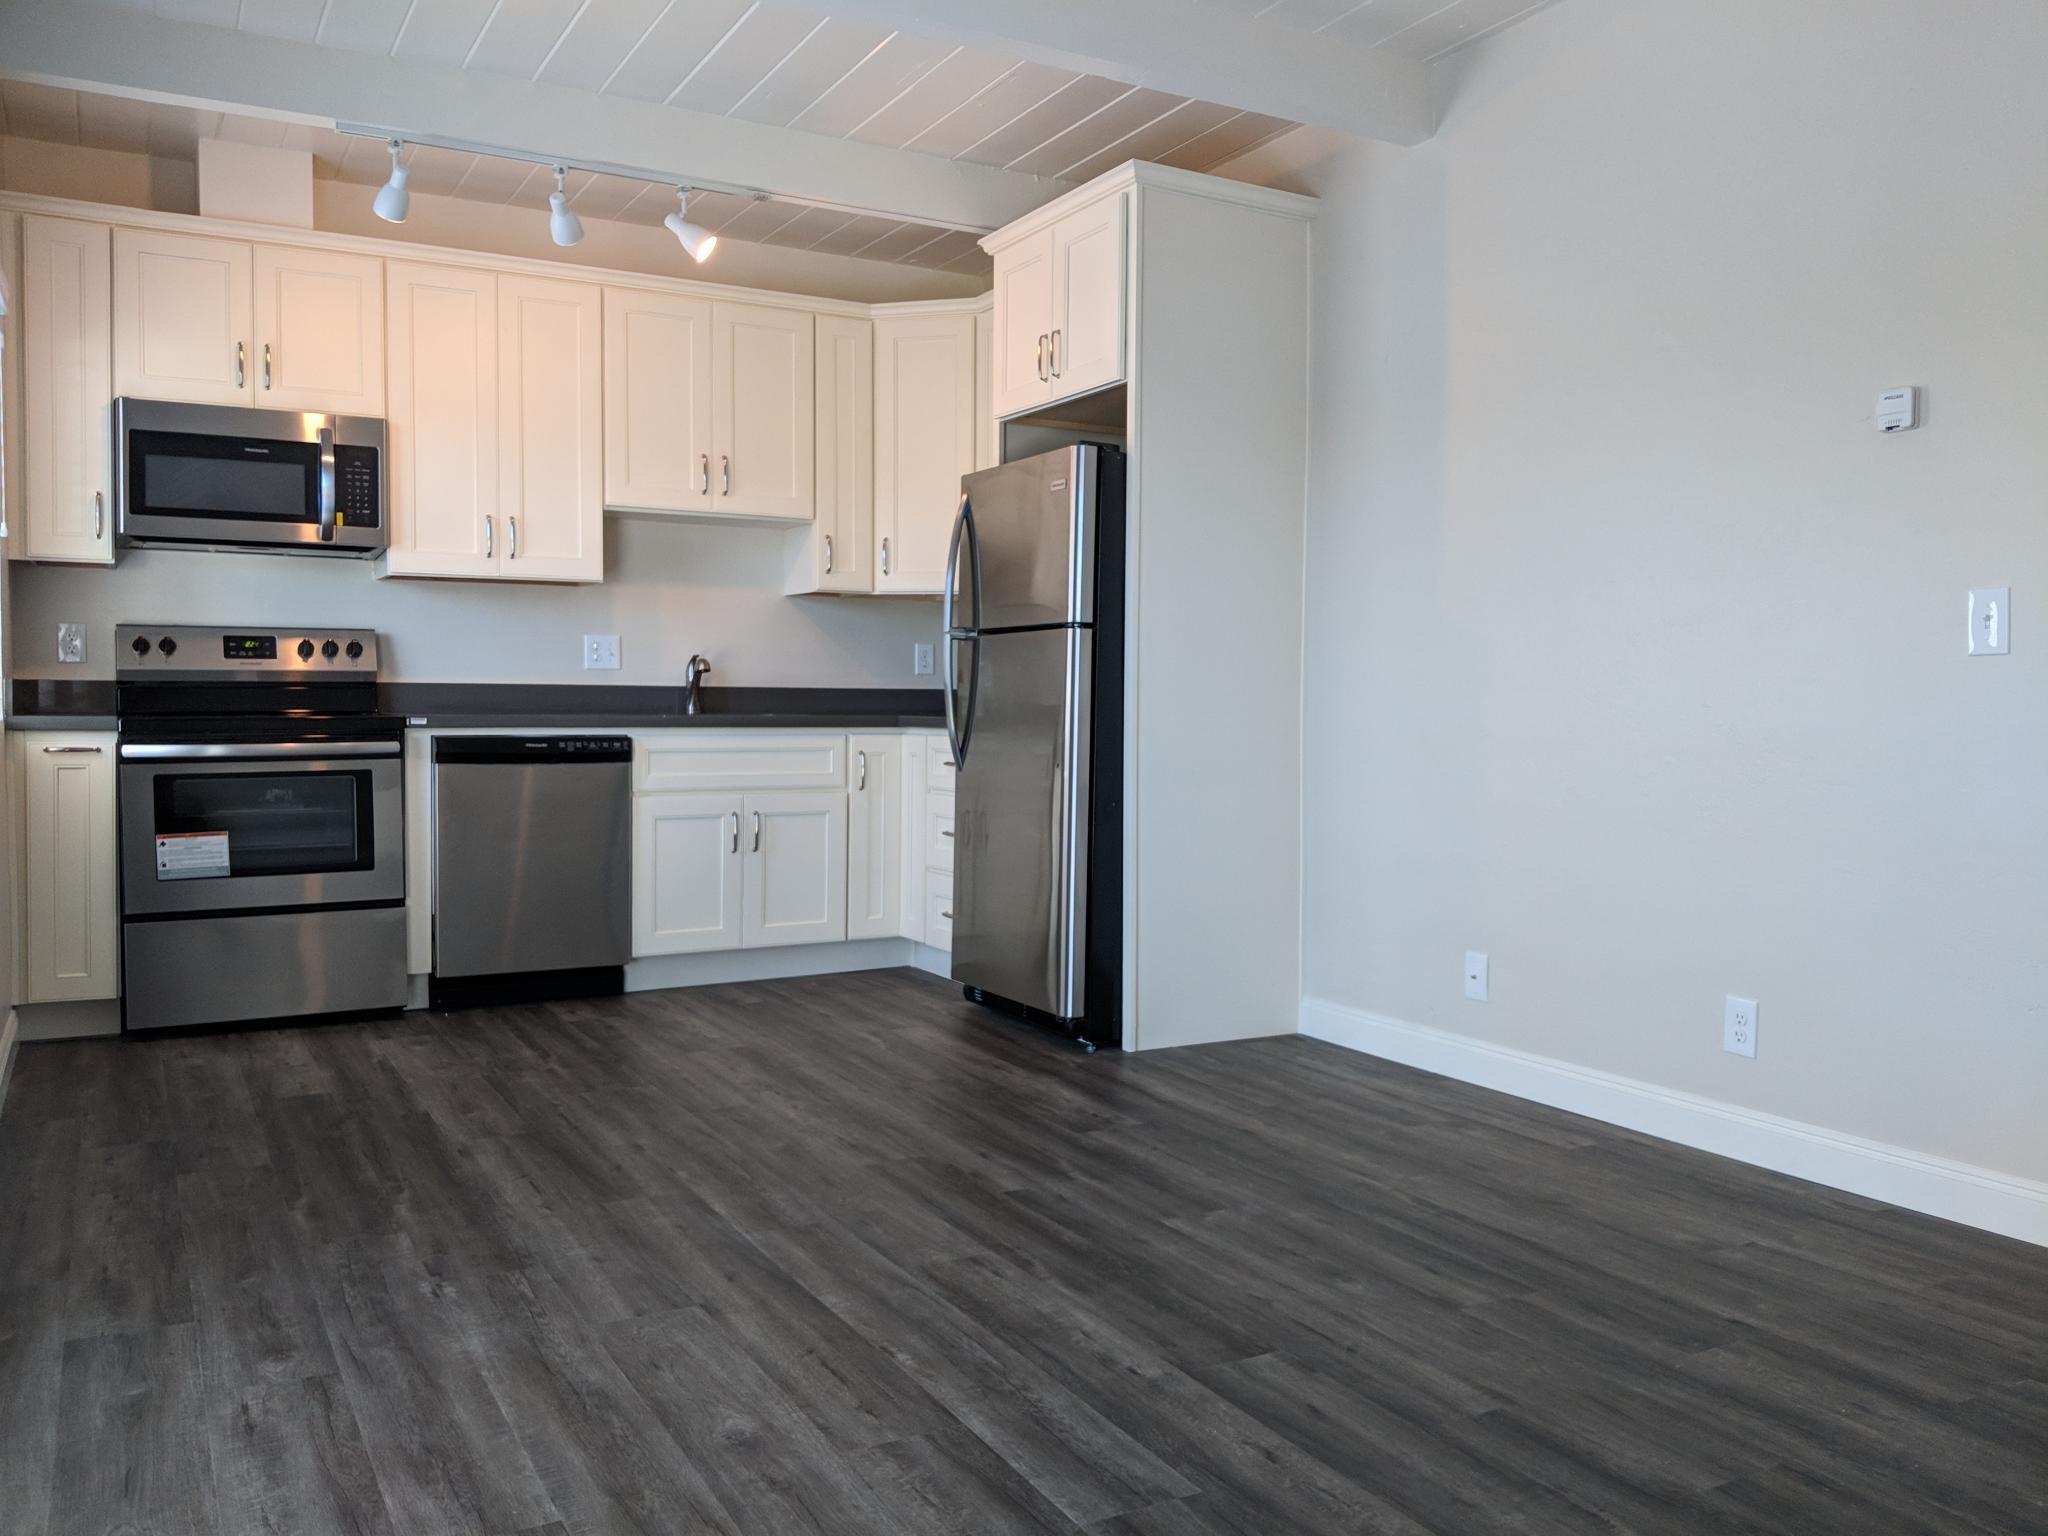 2761 Grant St #30 For Rent - Concord, CA | Trulia